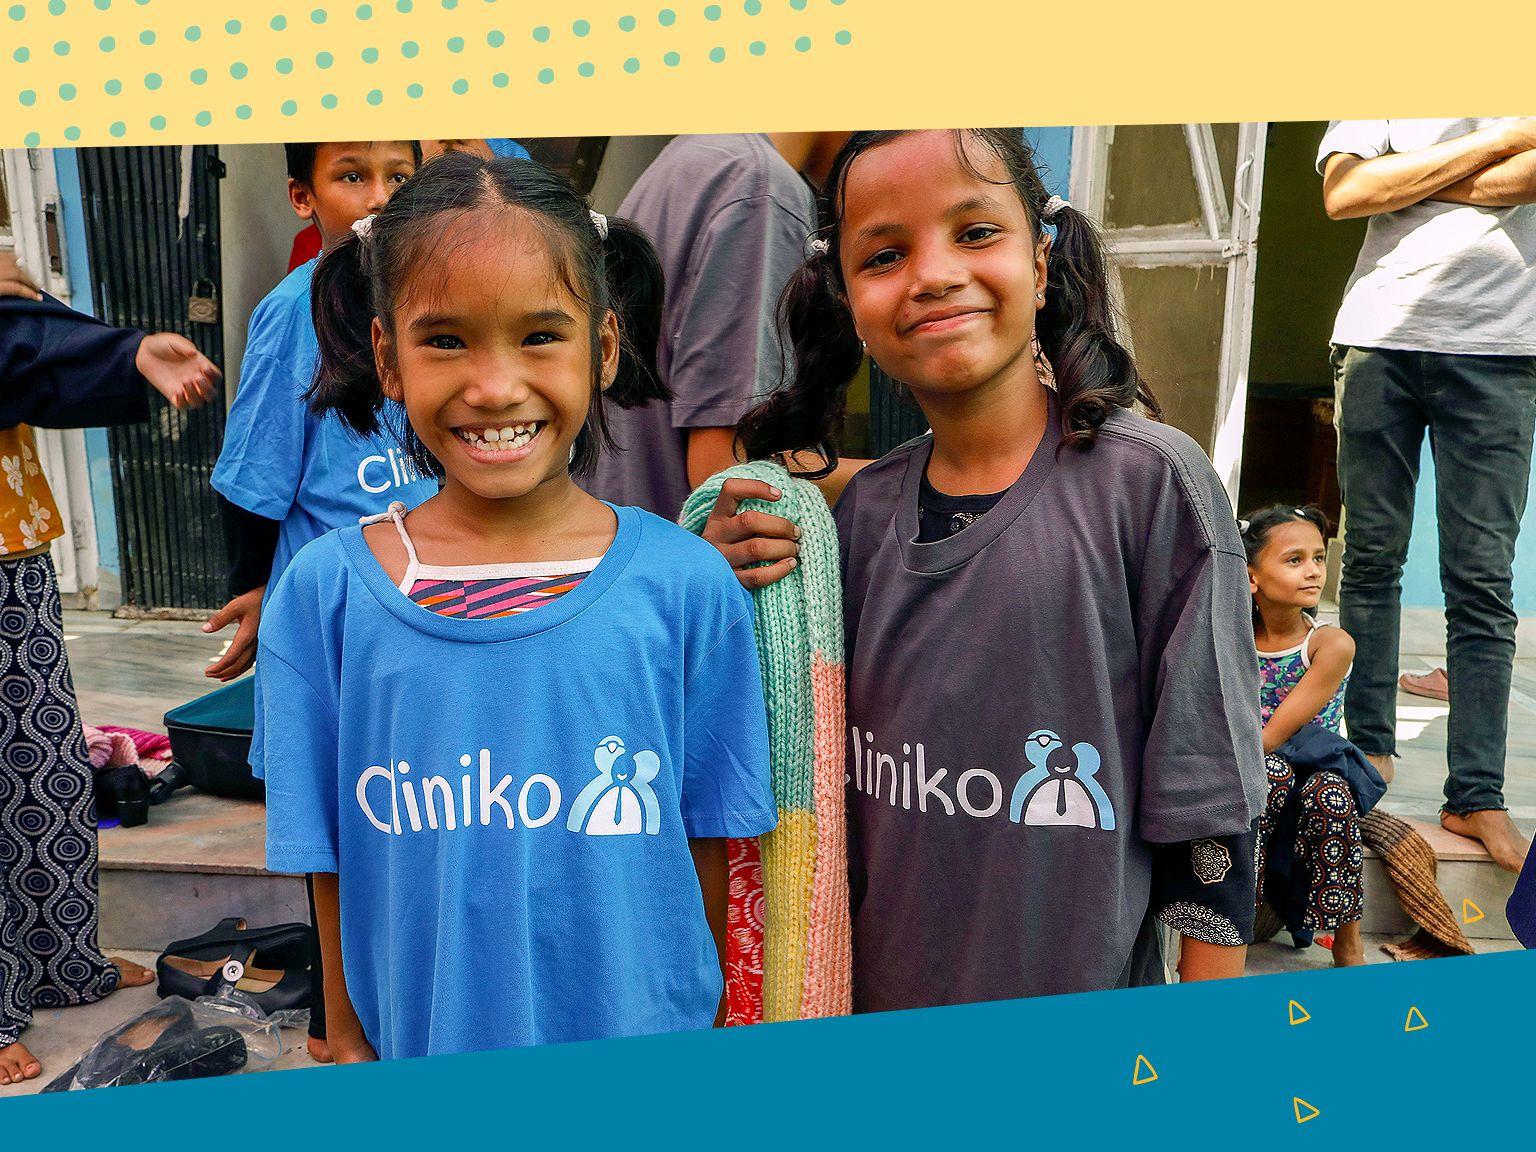 Children wearing Cliniko t-shirts